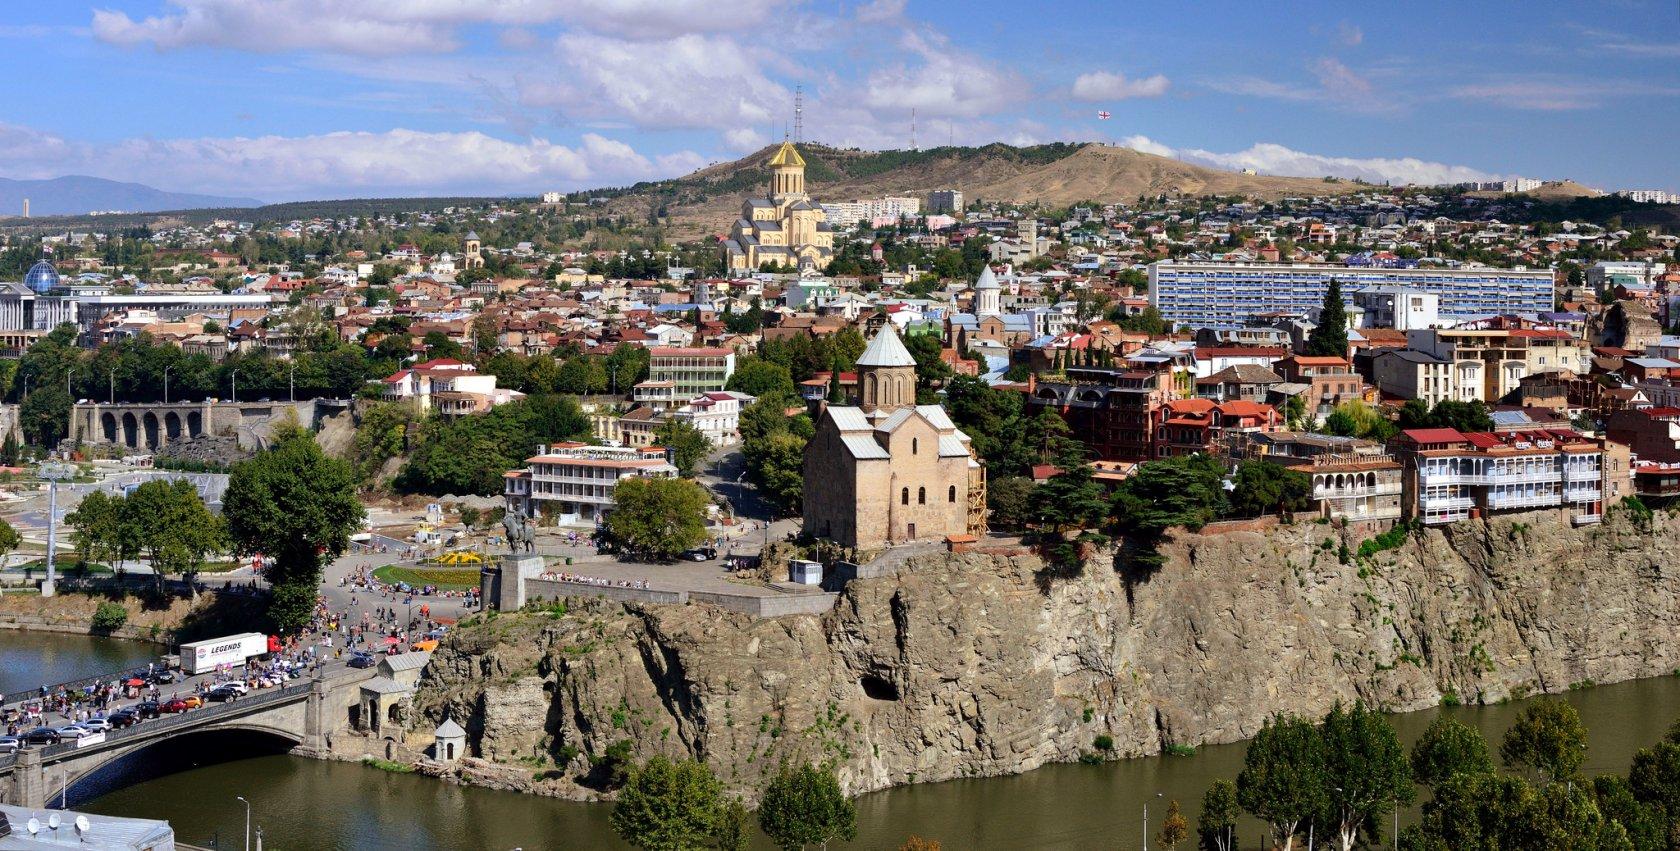 Как бюджетно слетать из Казани в Тбилиси: билеты, отель, аренда авто, экскурсии - 22,450 руб.